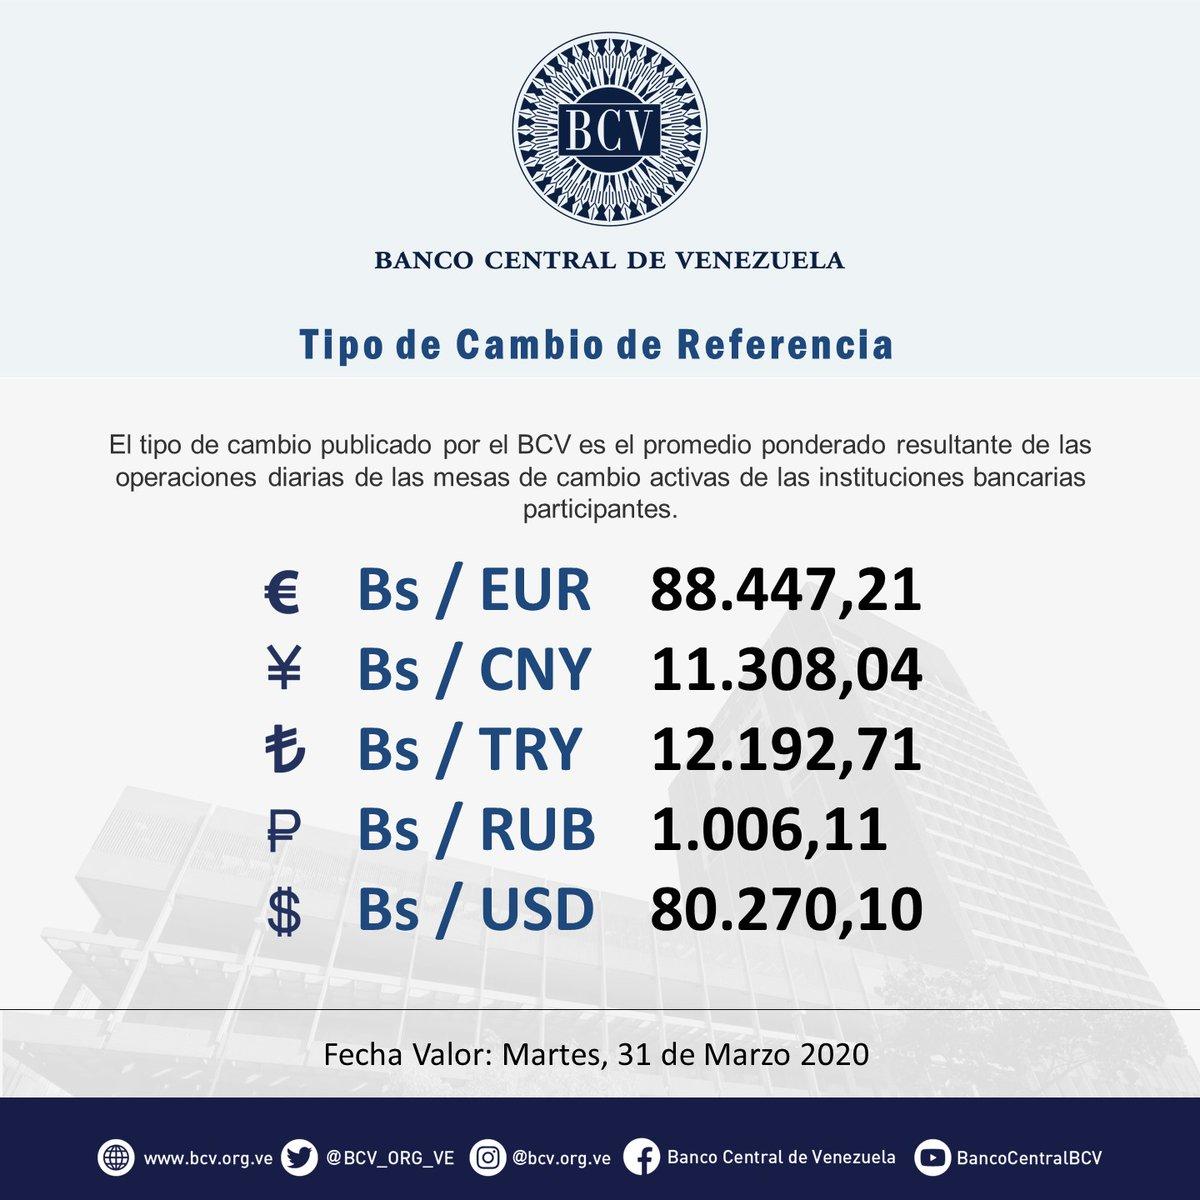 Atención|| El tipo de cambio publicado por el BCV es el promedio ponderado de las operaciones de las mesas de cambio de las instituciones bancarias. Al cierre de la jornada del lunes 30-03-2020, los resultados son:  #MercadoCambiario #BCVpic.twitter.com/0Sbggz8dT7